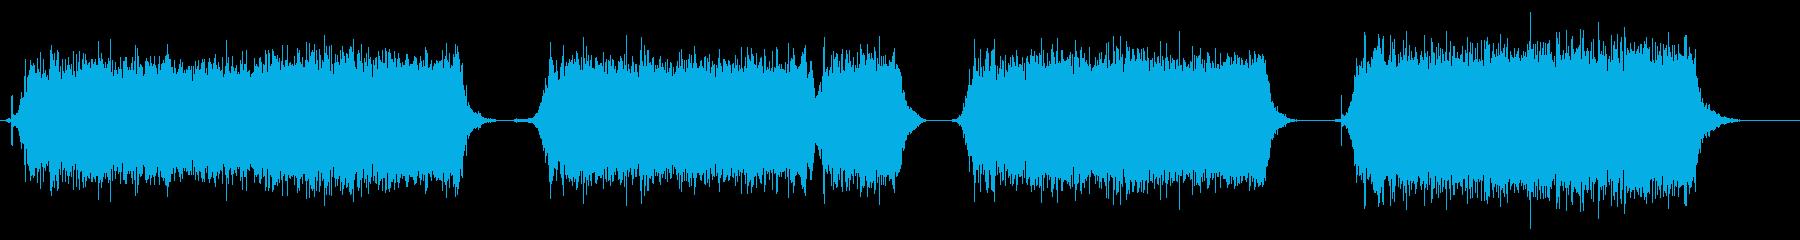 ドライヤーの音の再生済みの波形